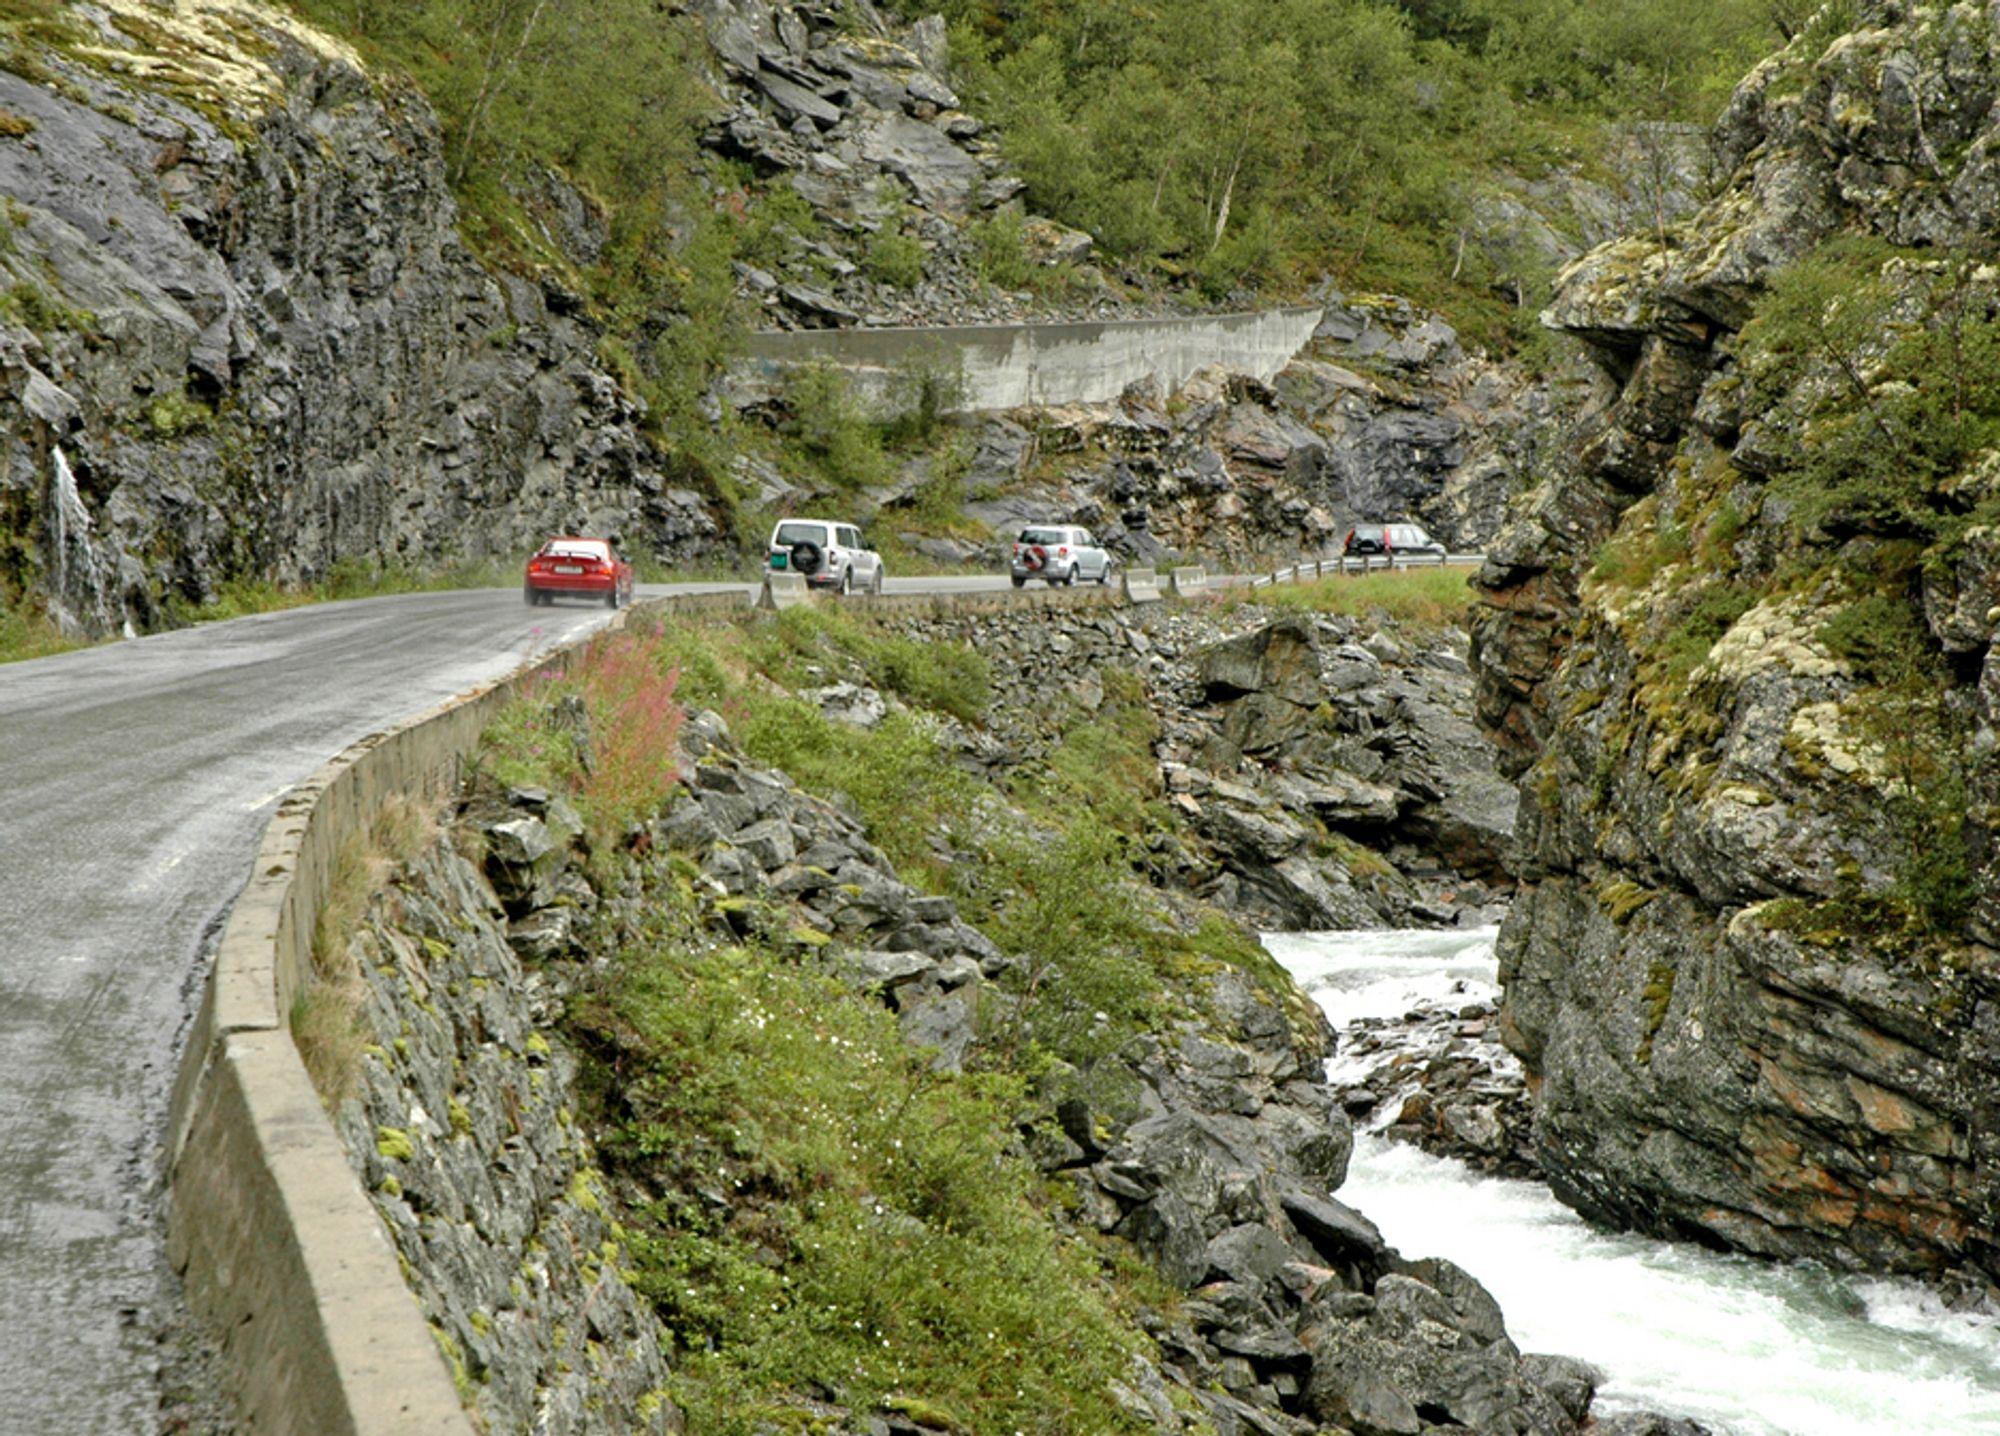 E 16 i øvre del av Lærdal kommune kan være en hyggelig opplevelse for turister, men som stamveg holder den ikke mål. Denne strekningen blir erstattet av en 4 km lang tunnel.